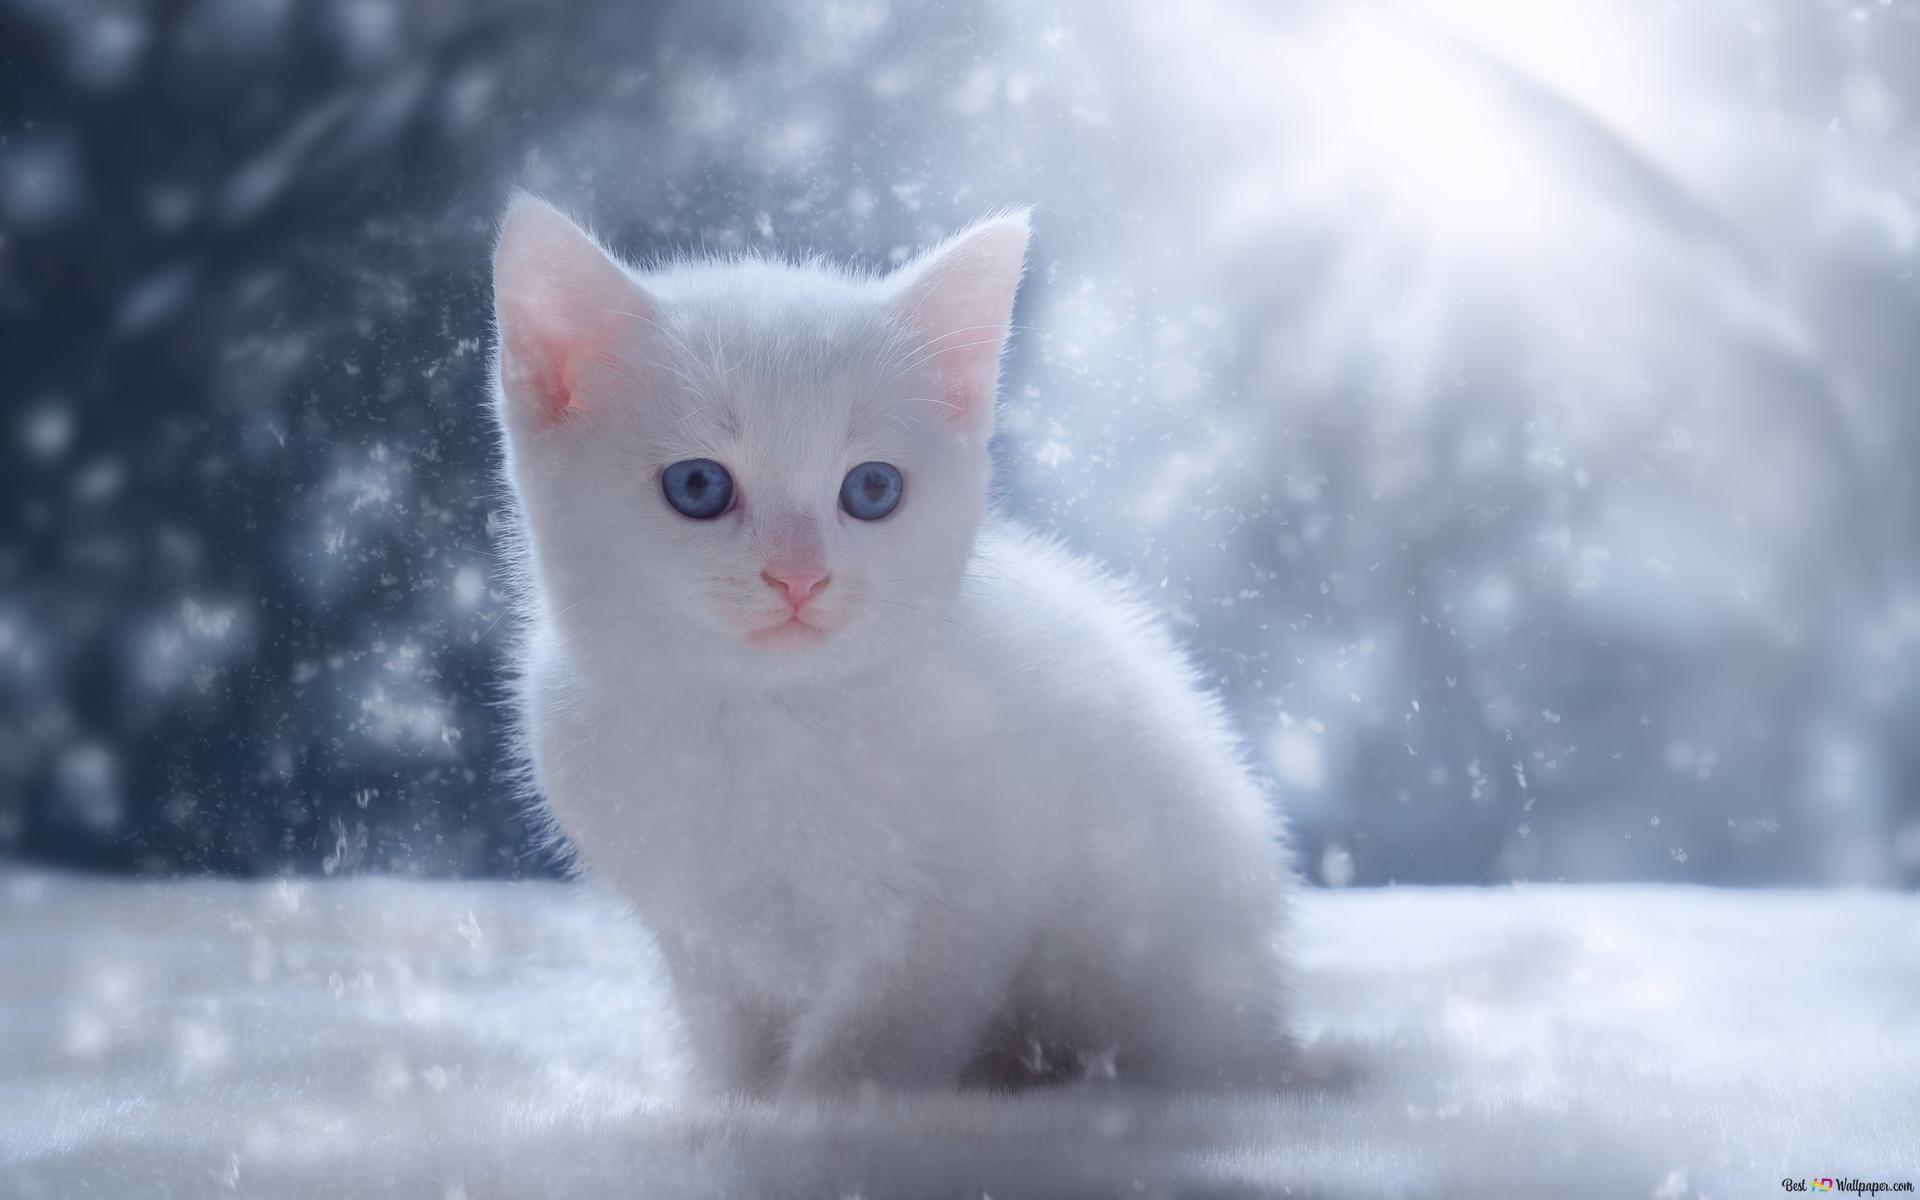 降雪中の猫 Hd壁紙のダウンロード